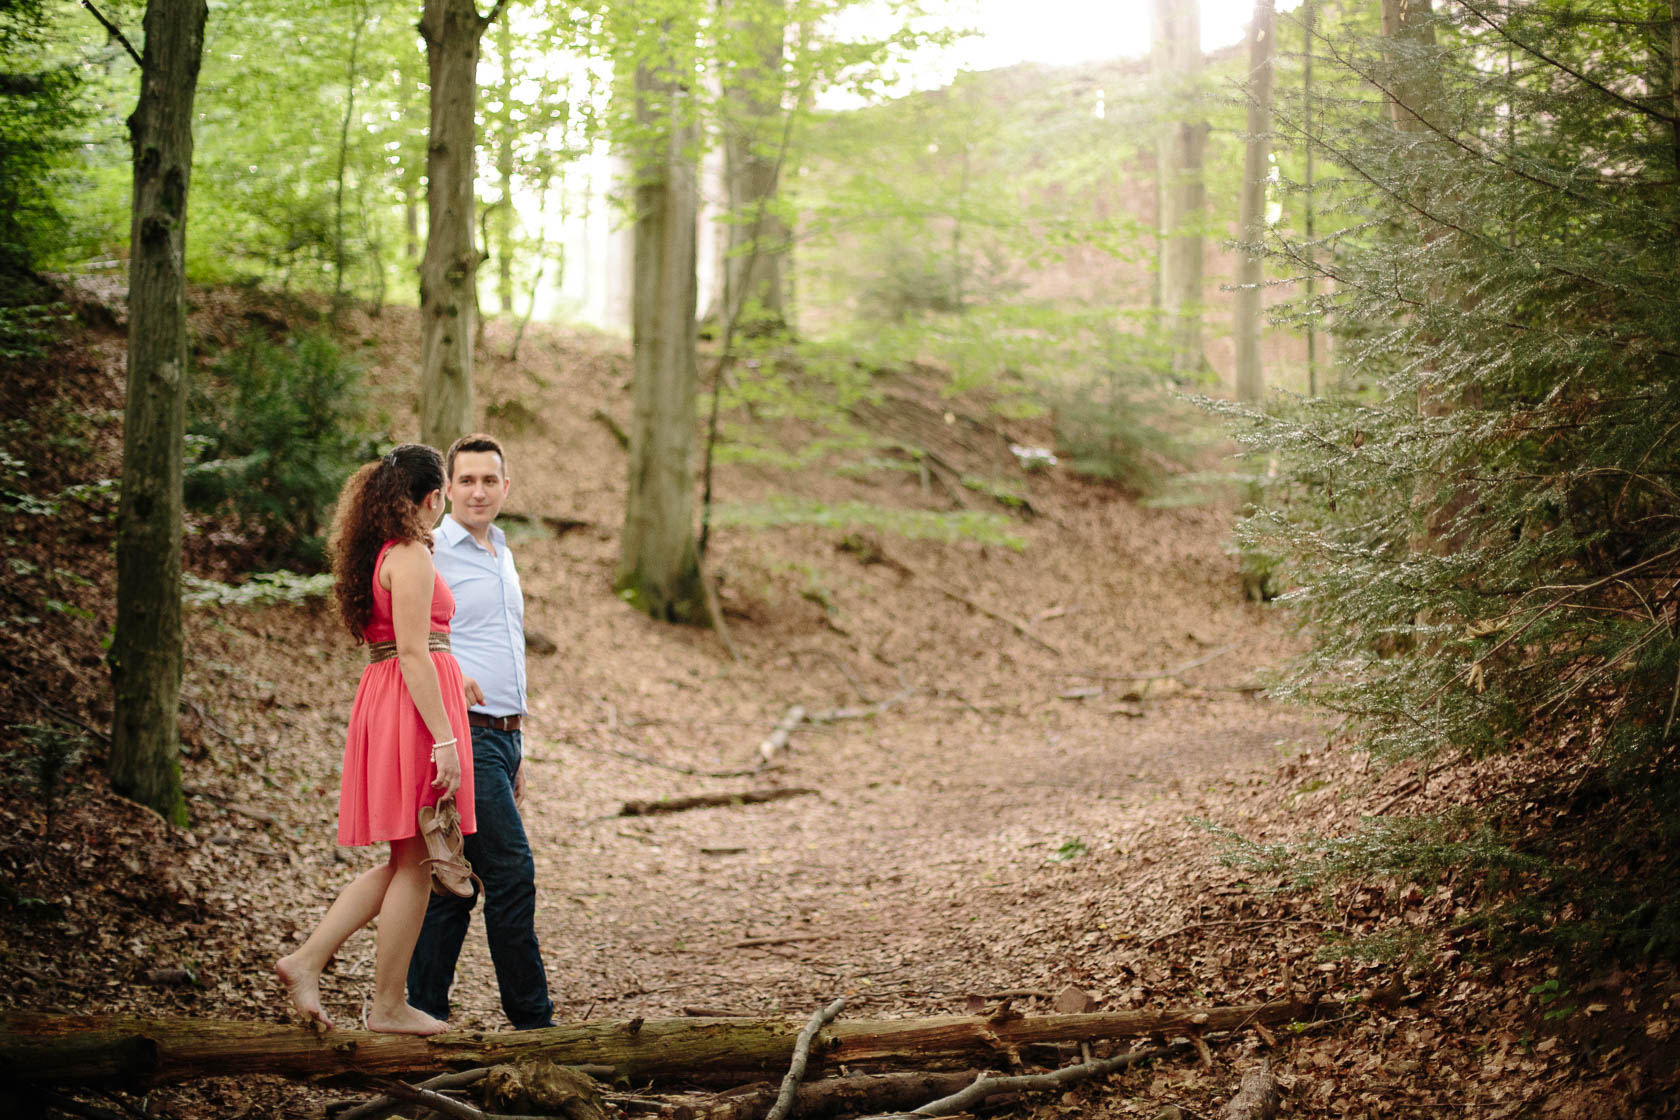 Engagement Fotoshooting von Laura und Viktor in Karlsbad im Wald balancierend Barbara Kapelle